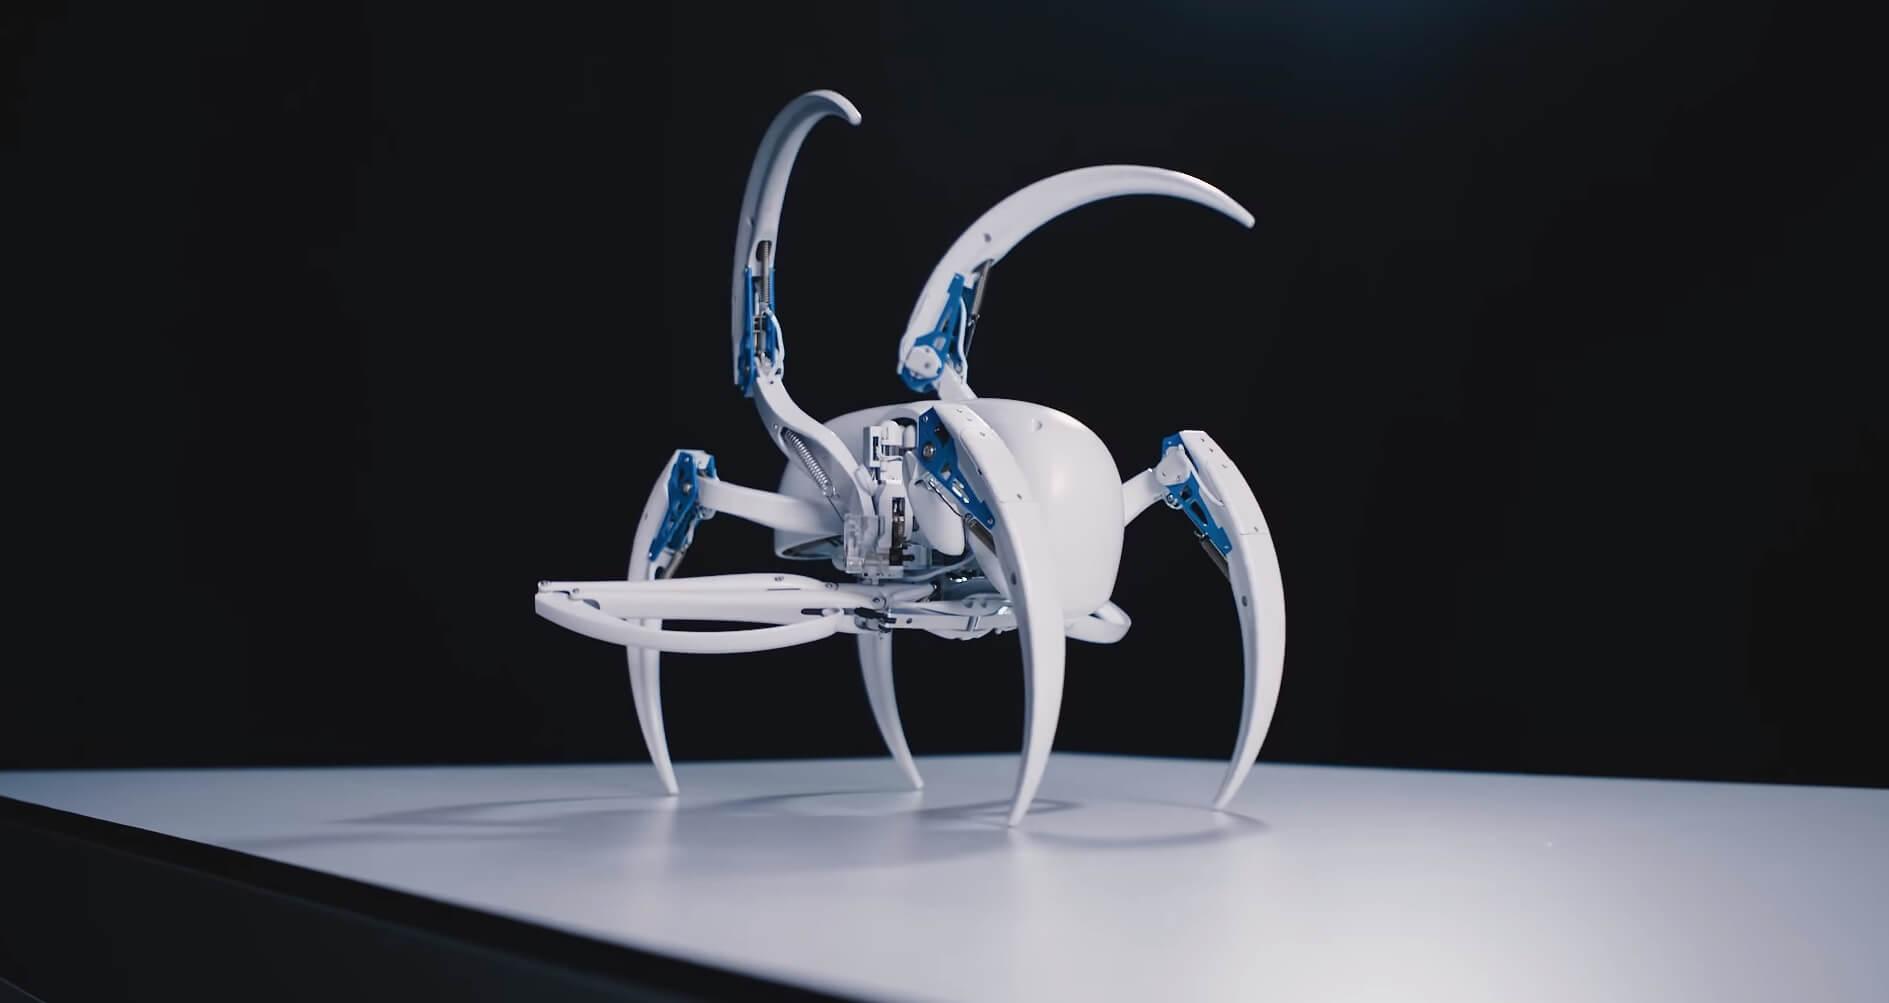 #видео дня | Новый робот-паук от компании Festo